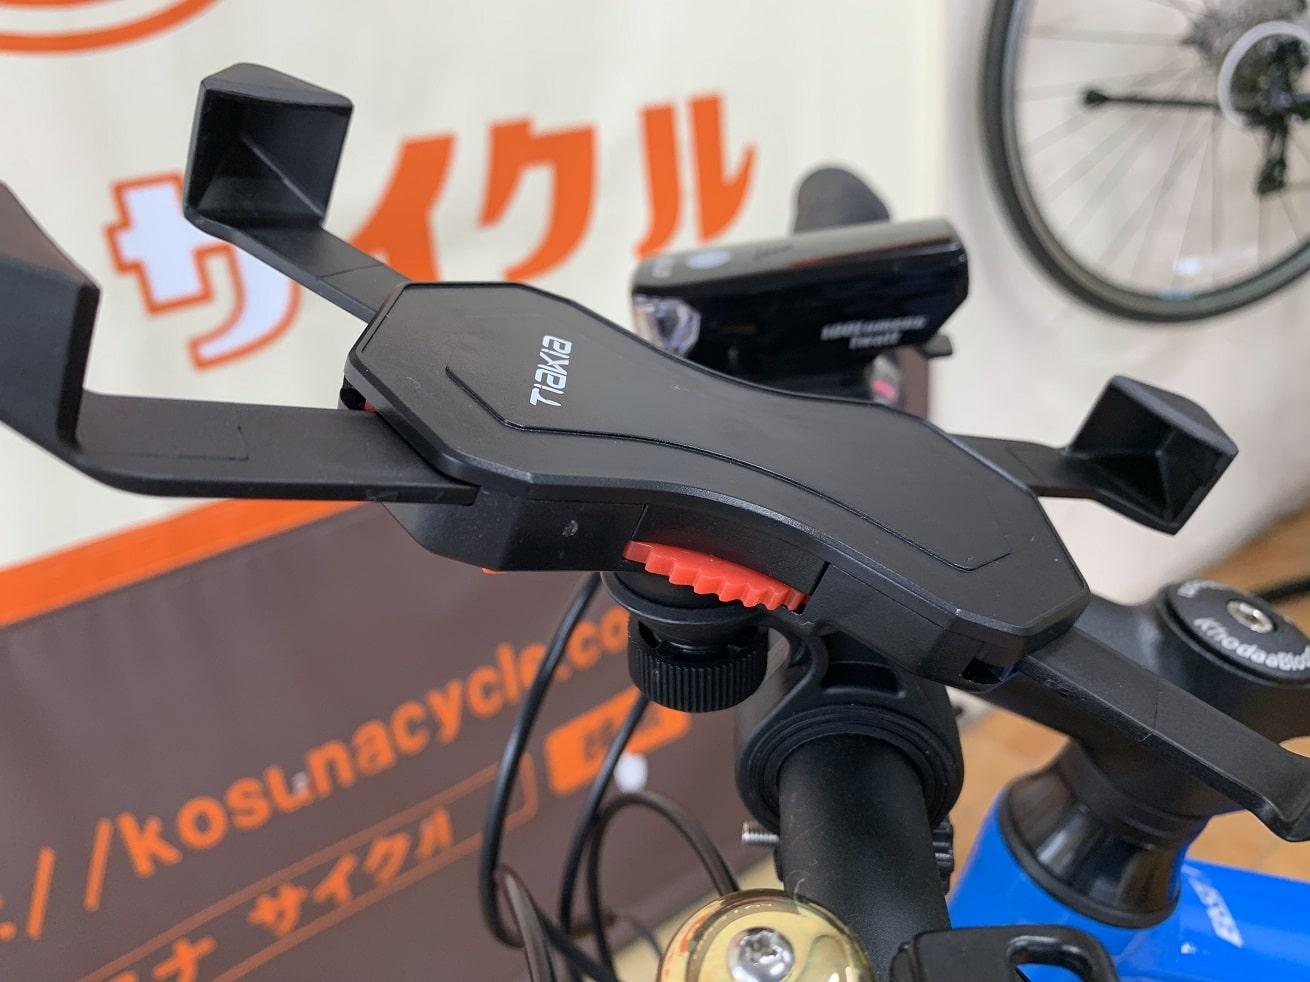 自転車ホルダー「Tiakia PB03-AC」ホルダー取付角度